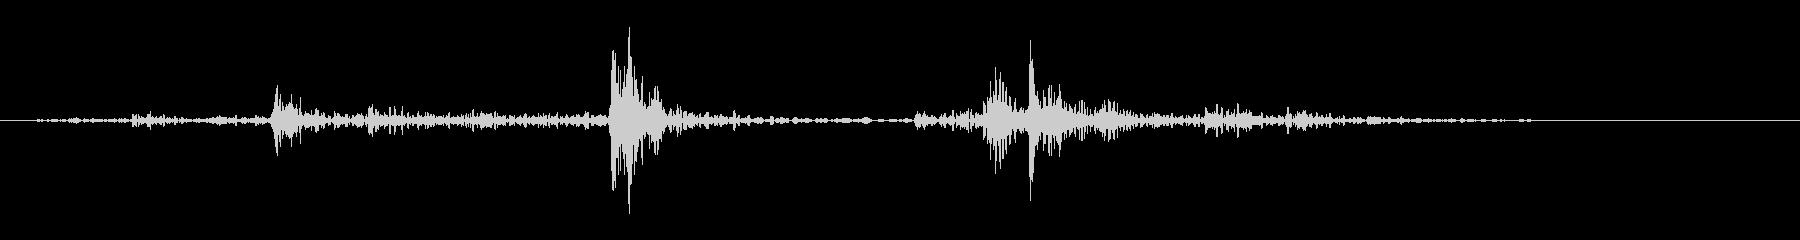 大型オークドア:ラトルハンドル、シ...の未再生の波形